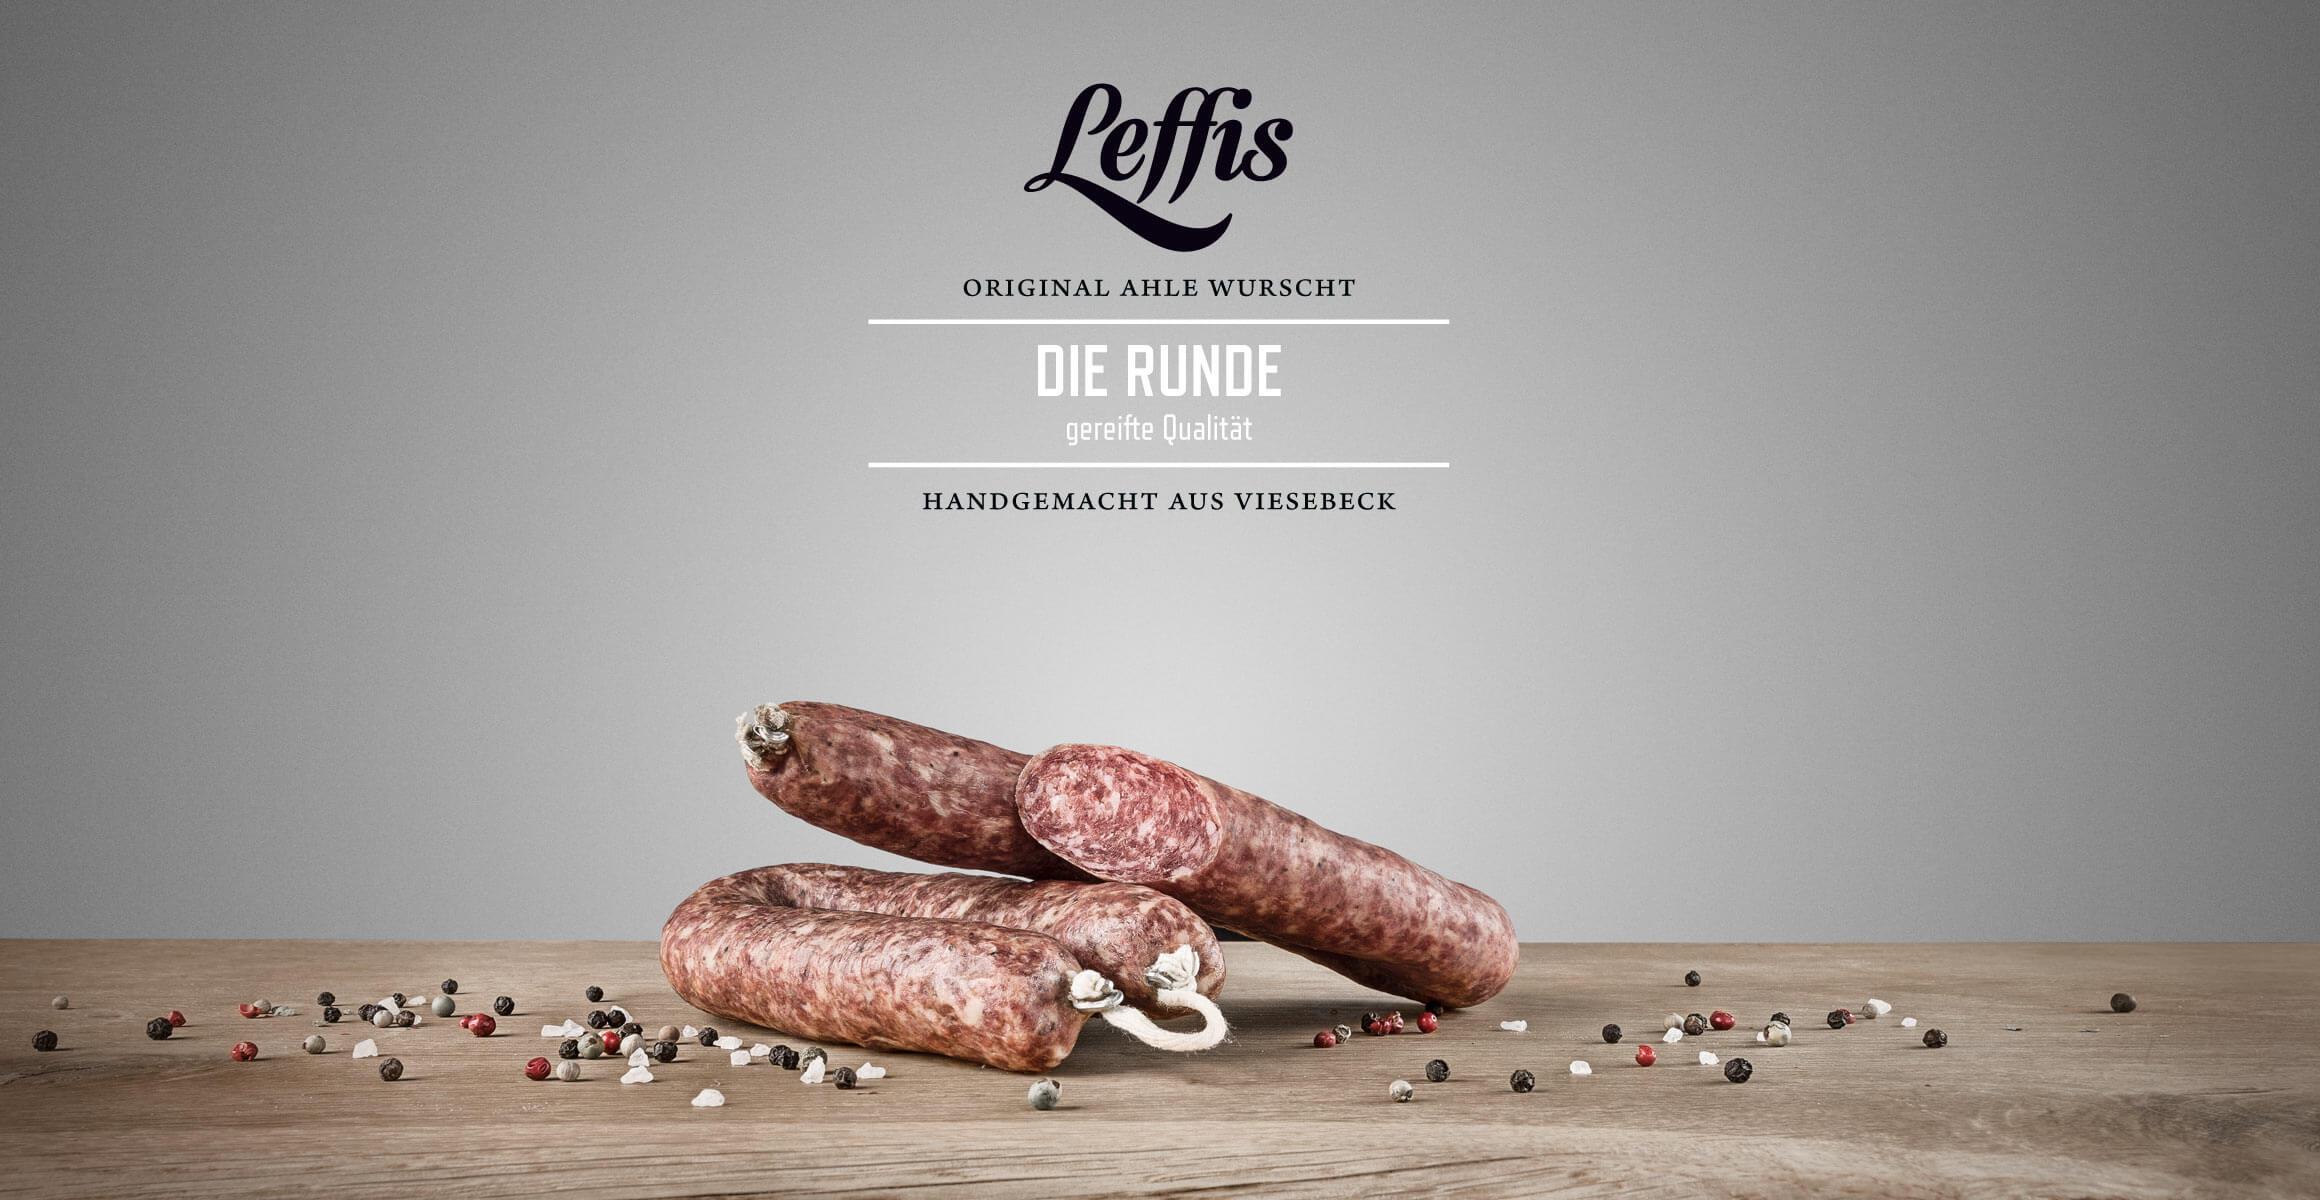 runde_ahle_wurst_leffis_image_X2